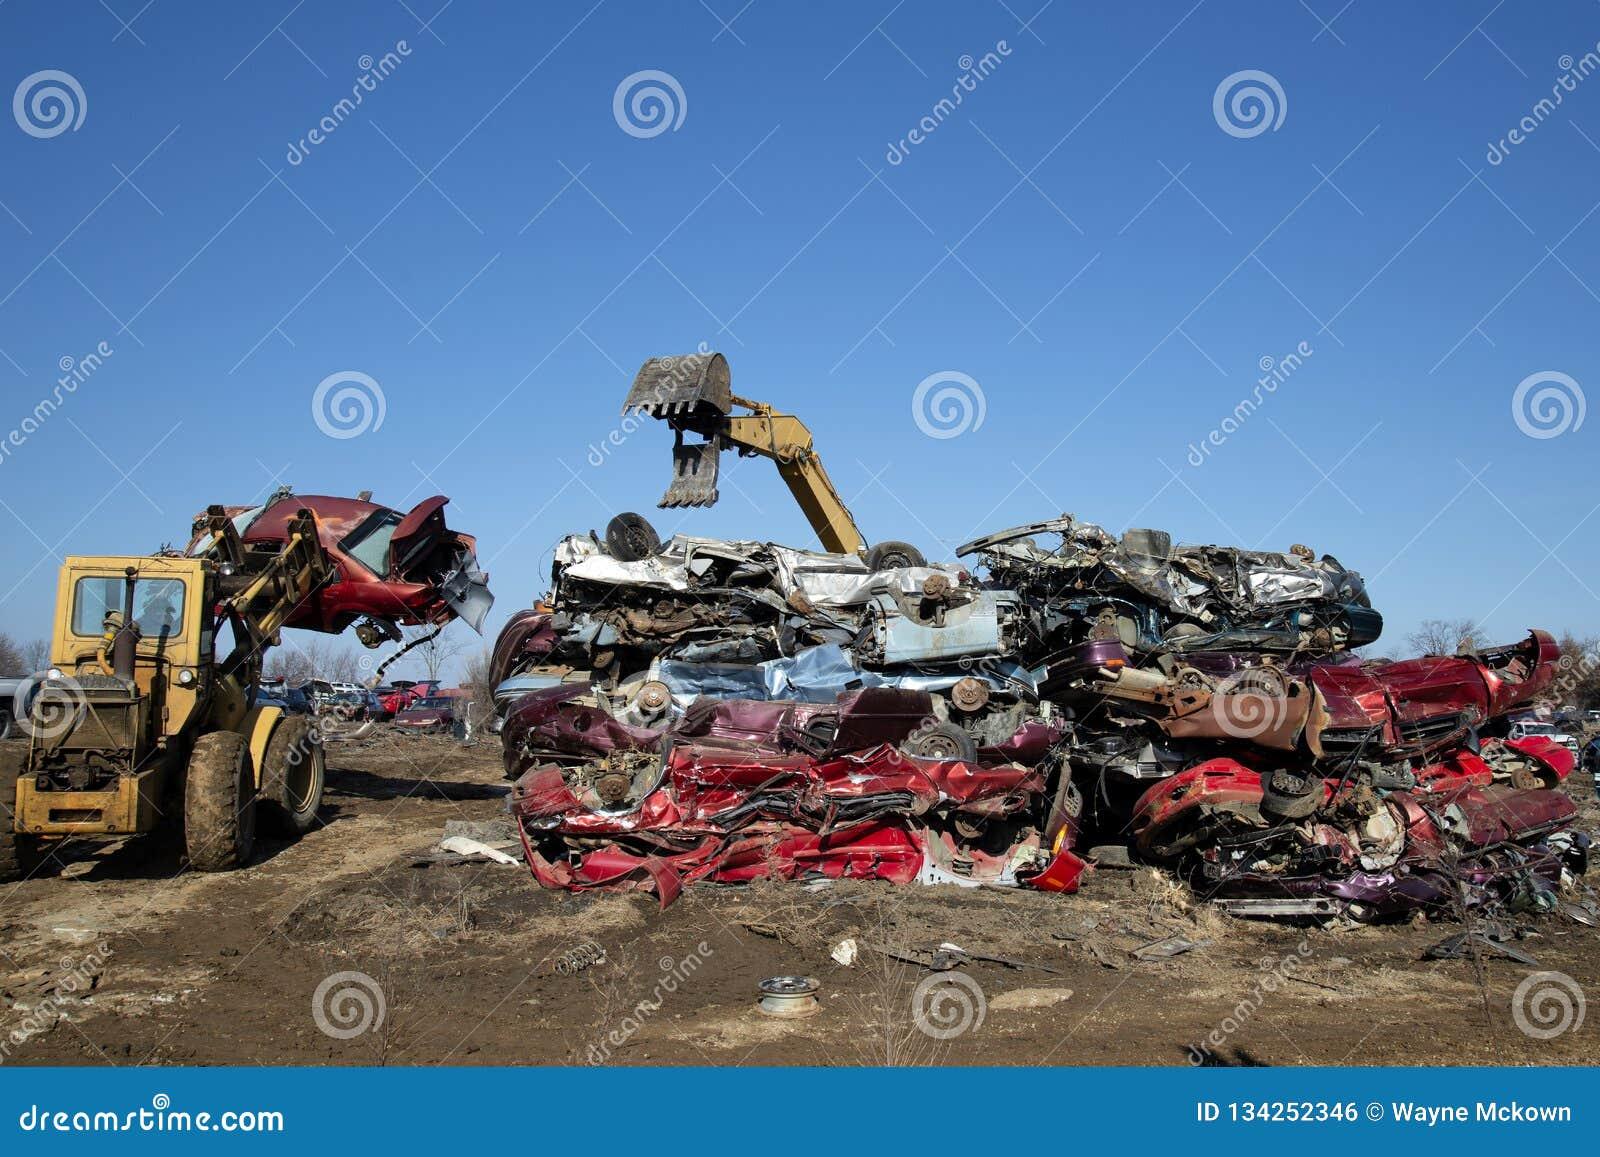 Automobile junk-yard stock photo  Image of dump, damaged